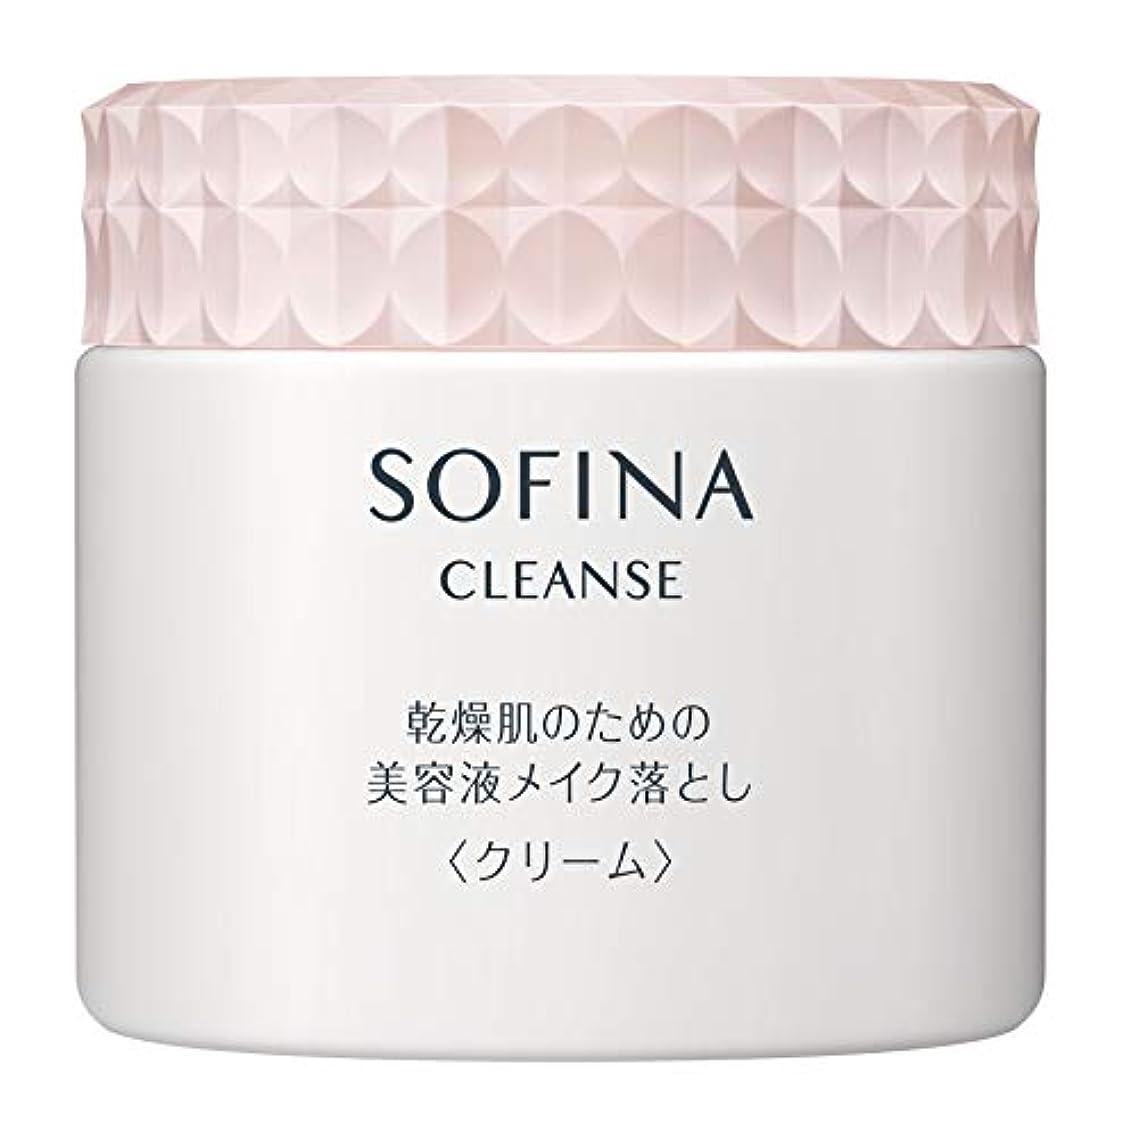 解釈する新着することになっているソフィーナ 乾燥肌のための美容液メイク落とし クリーム 200g